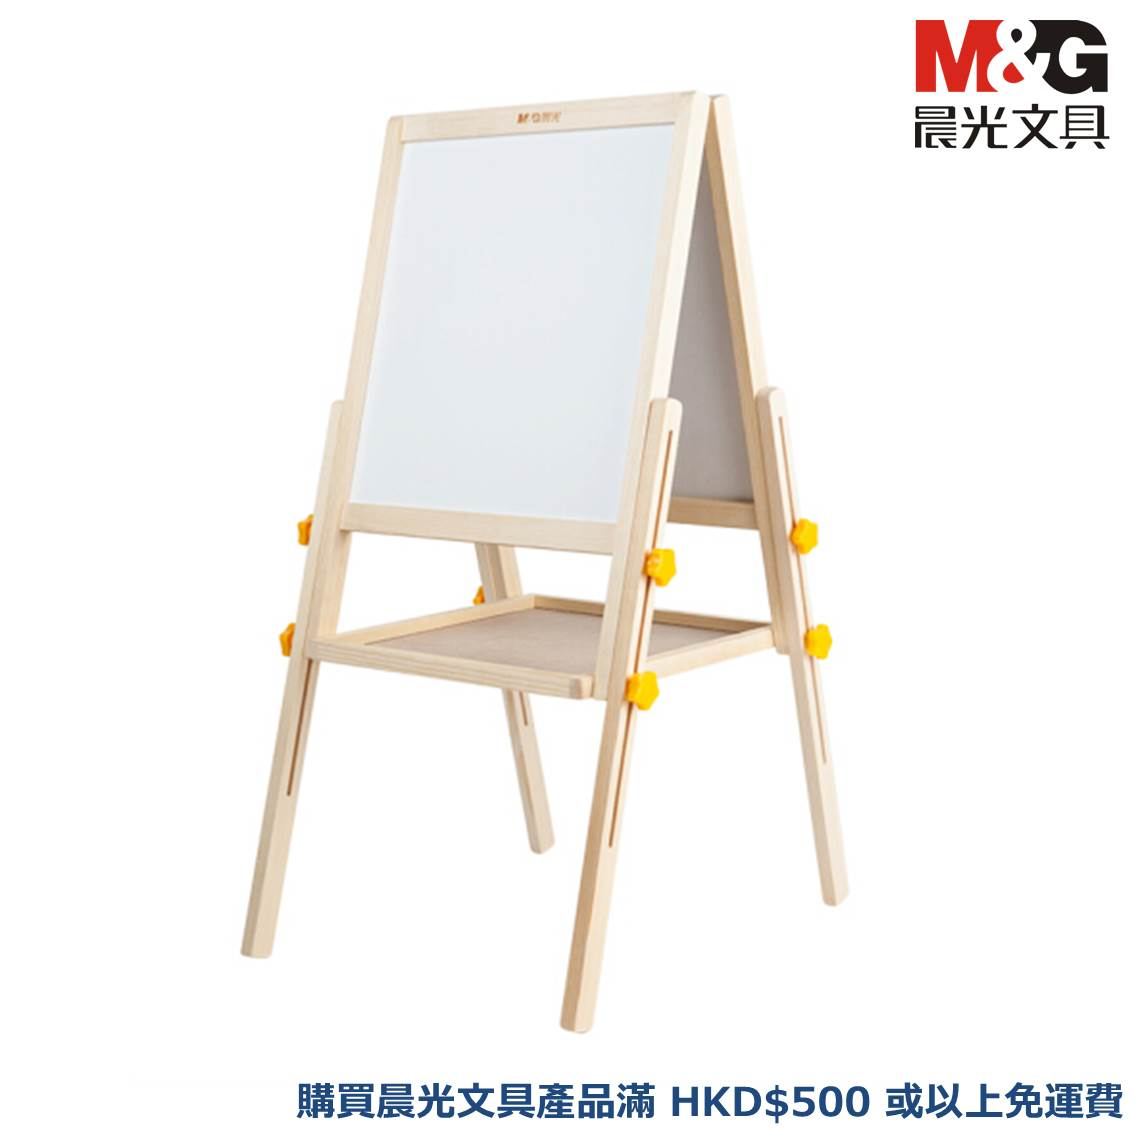 晨光雙面兒童畫板- 白板可調整高低